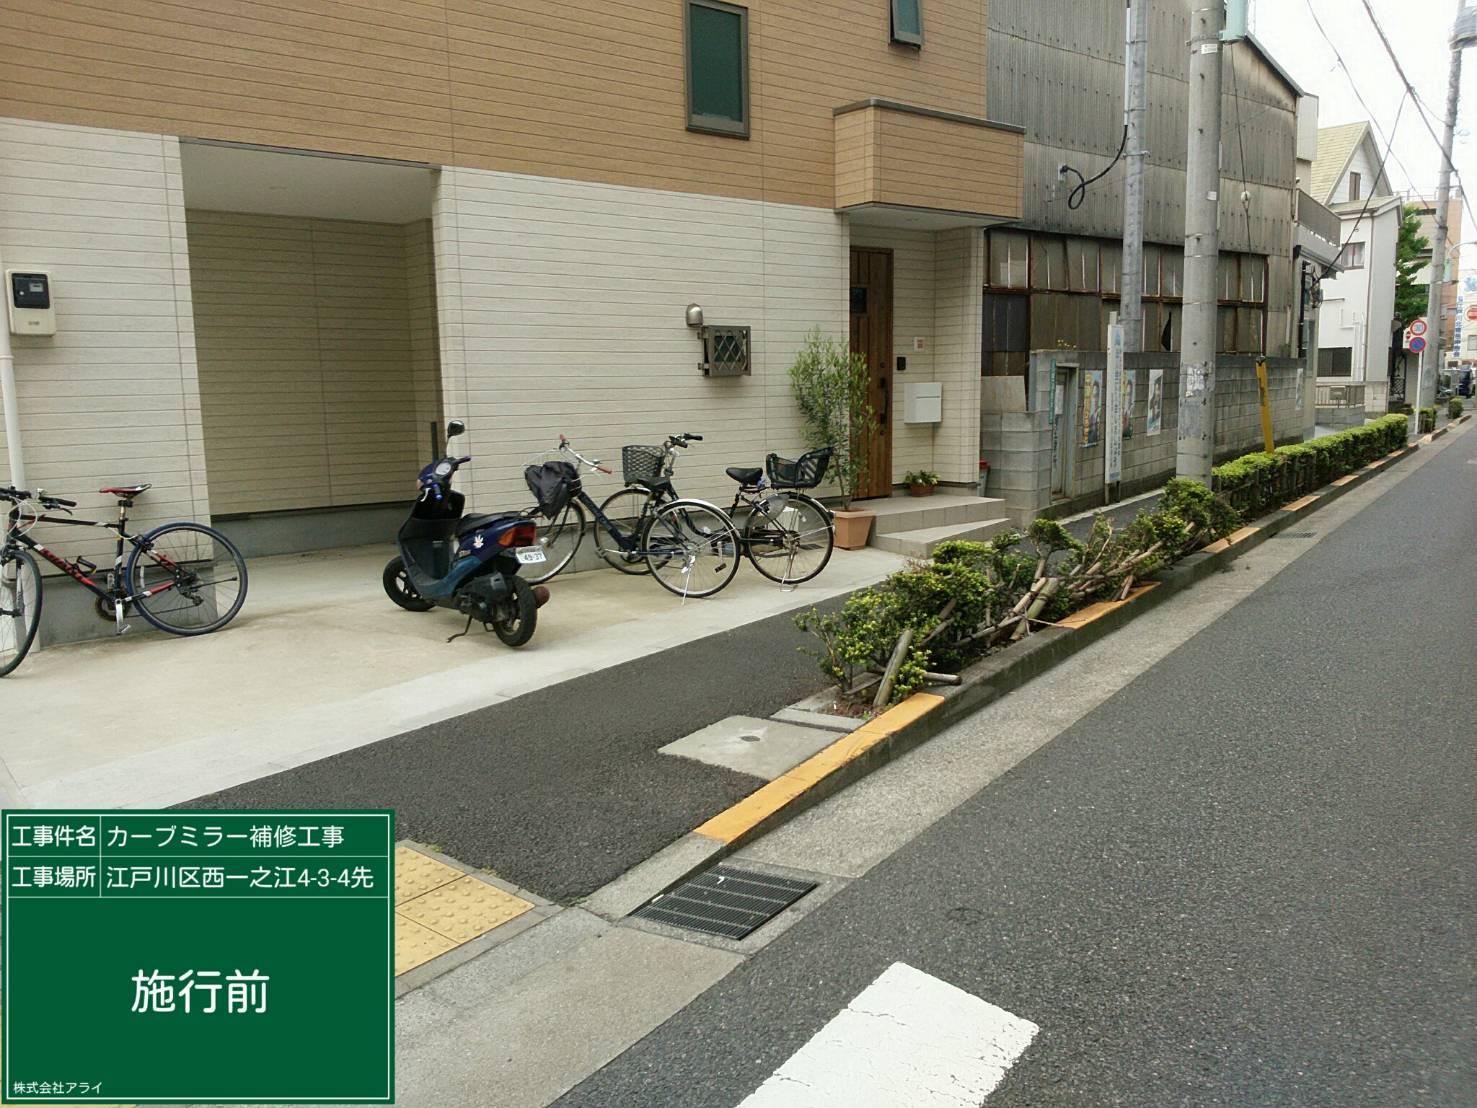 江戸川区一之江 カーブミラー設置(保険対応)